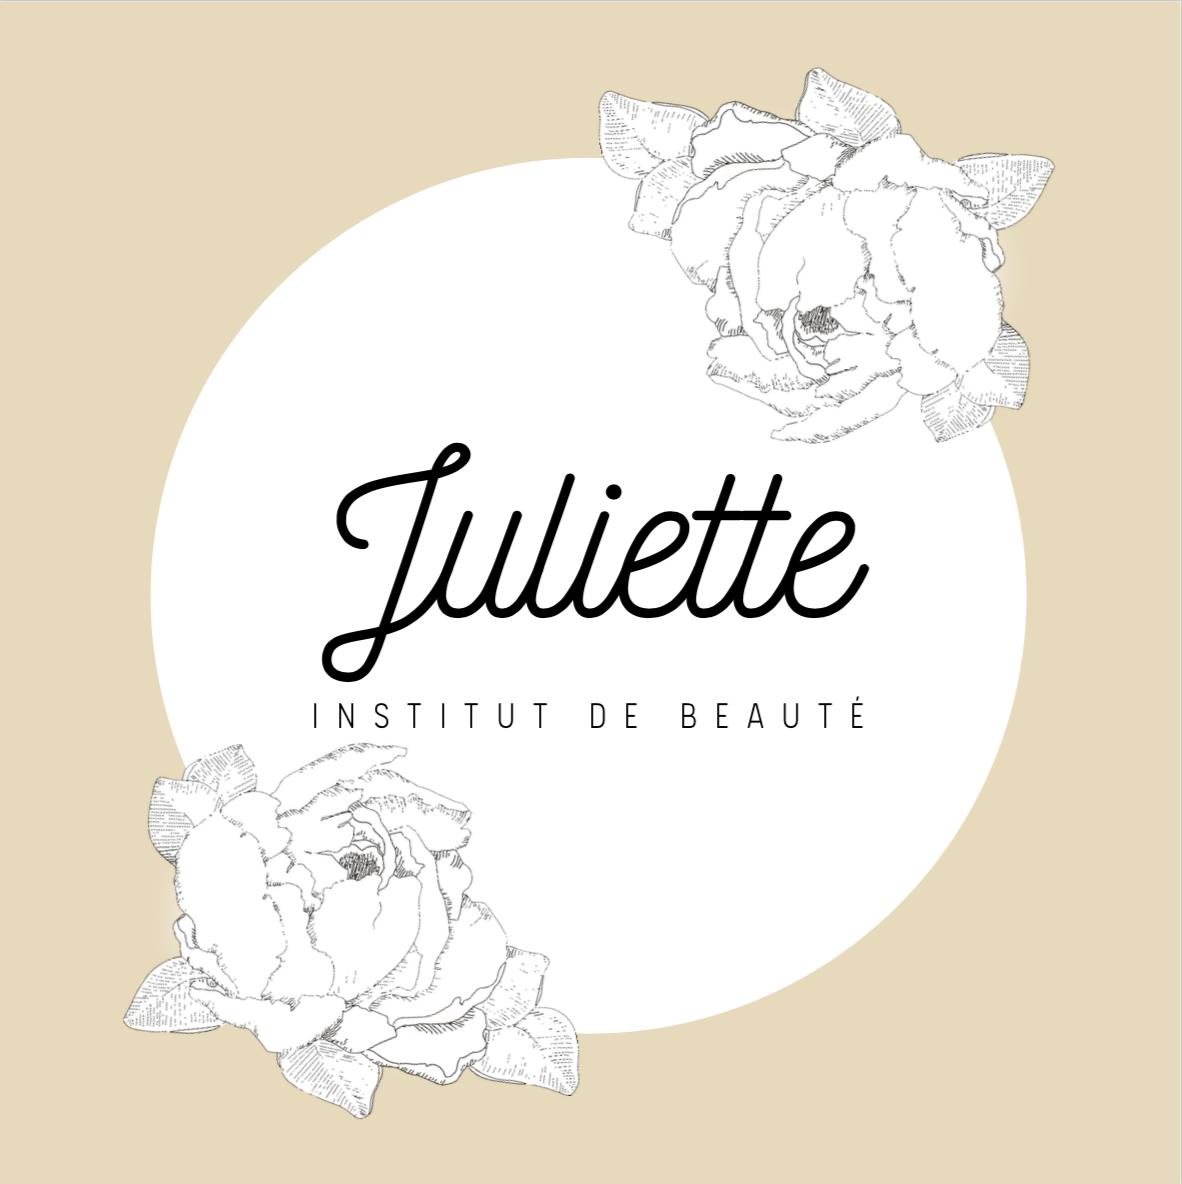 Profil Juliette Rossier